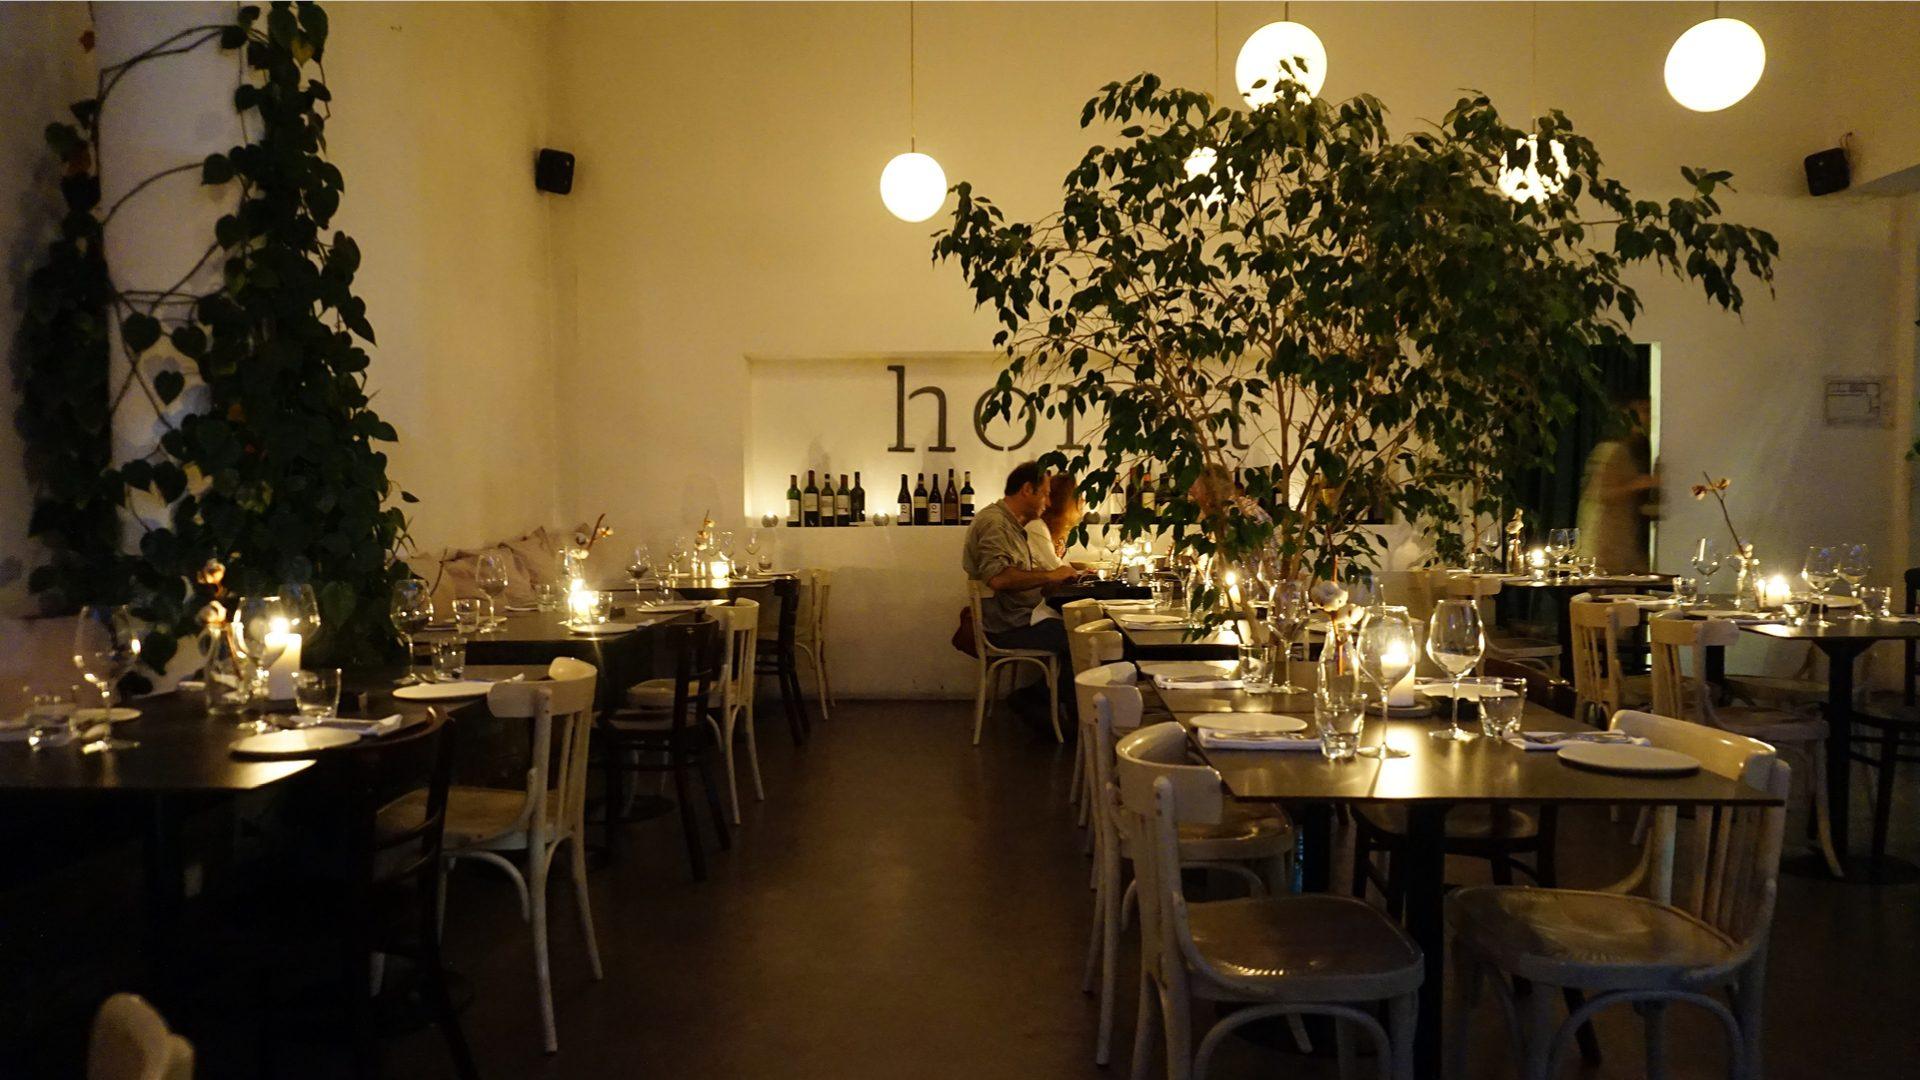 belgrado restaurant tip homa